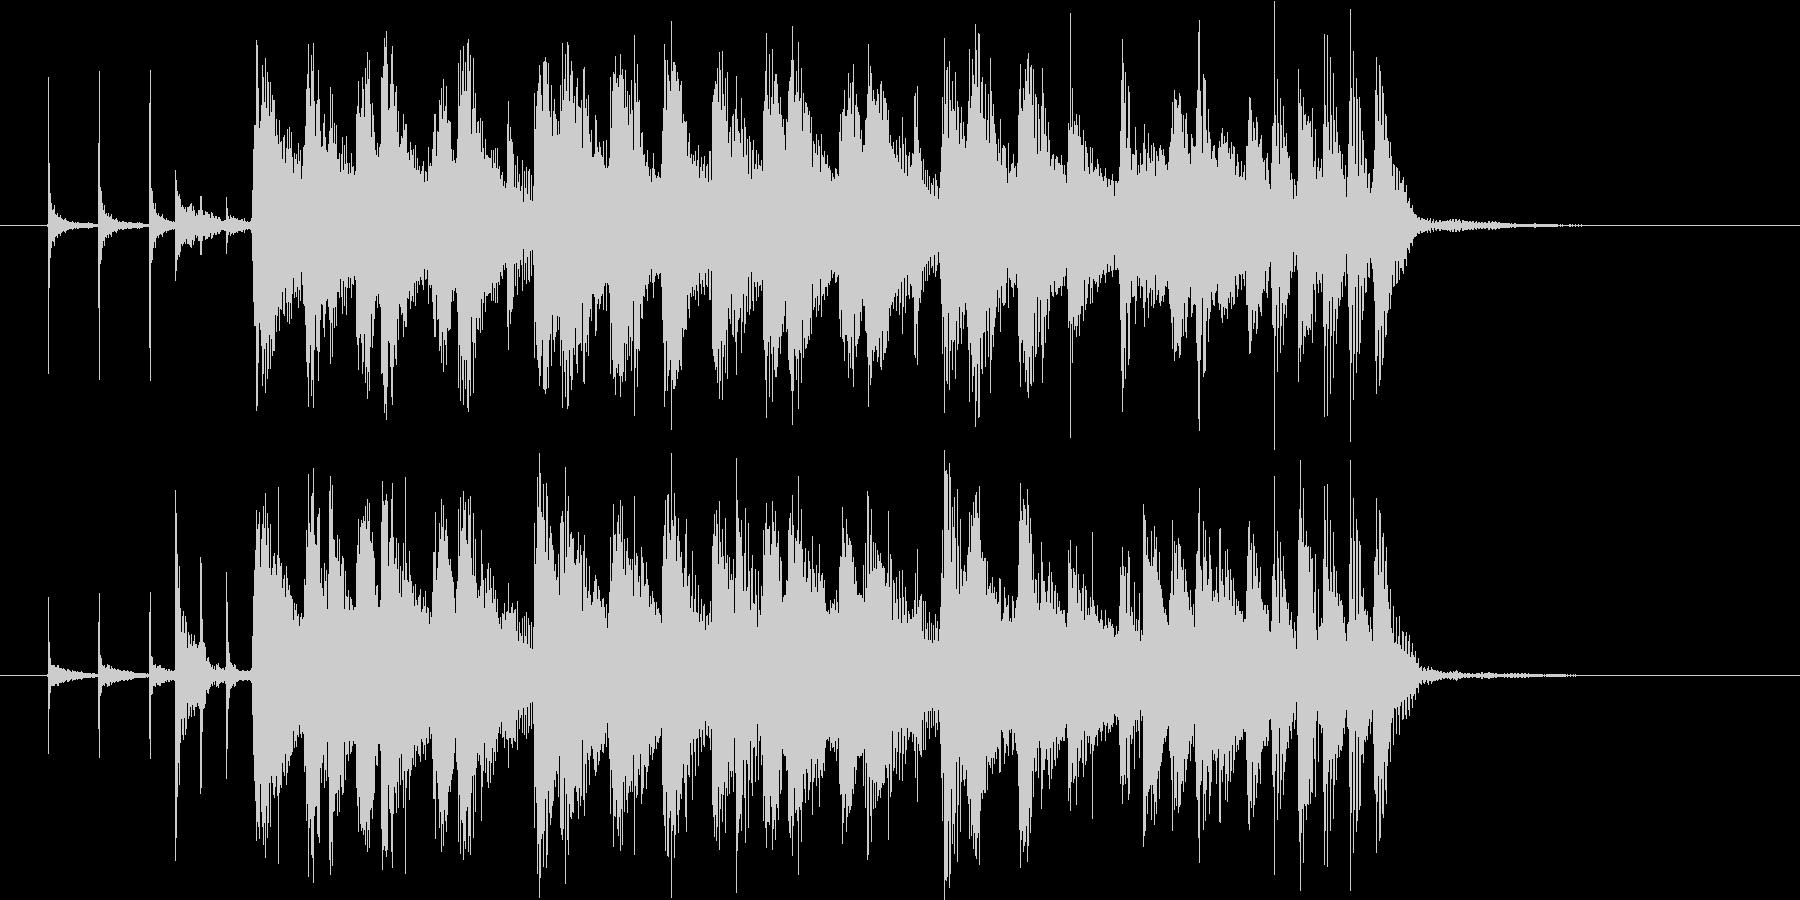 悠長で軽快なシンセポップジングルの未再生の波形